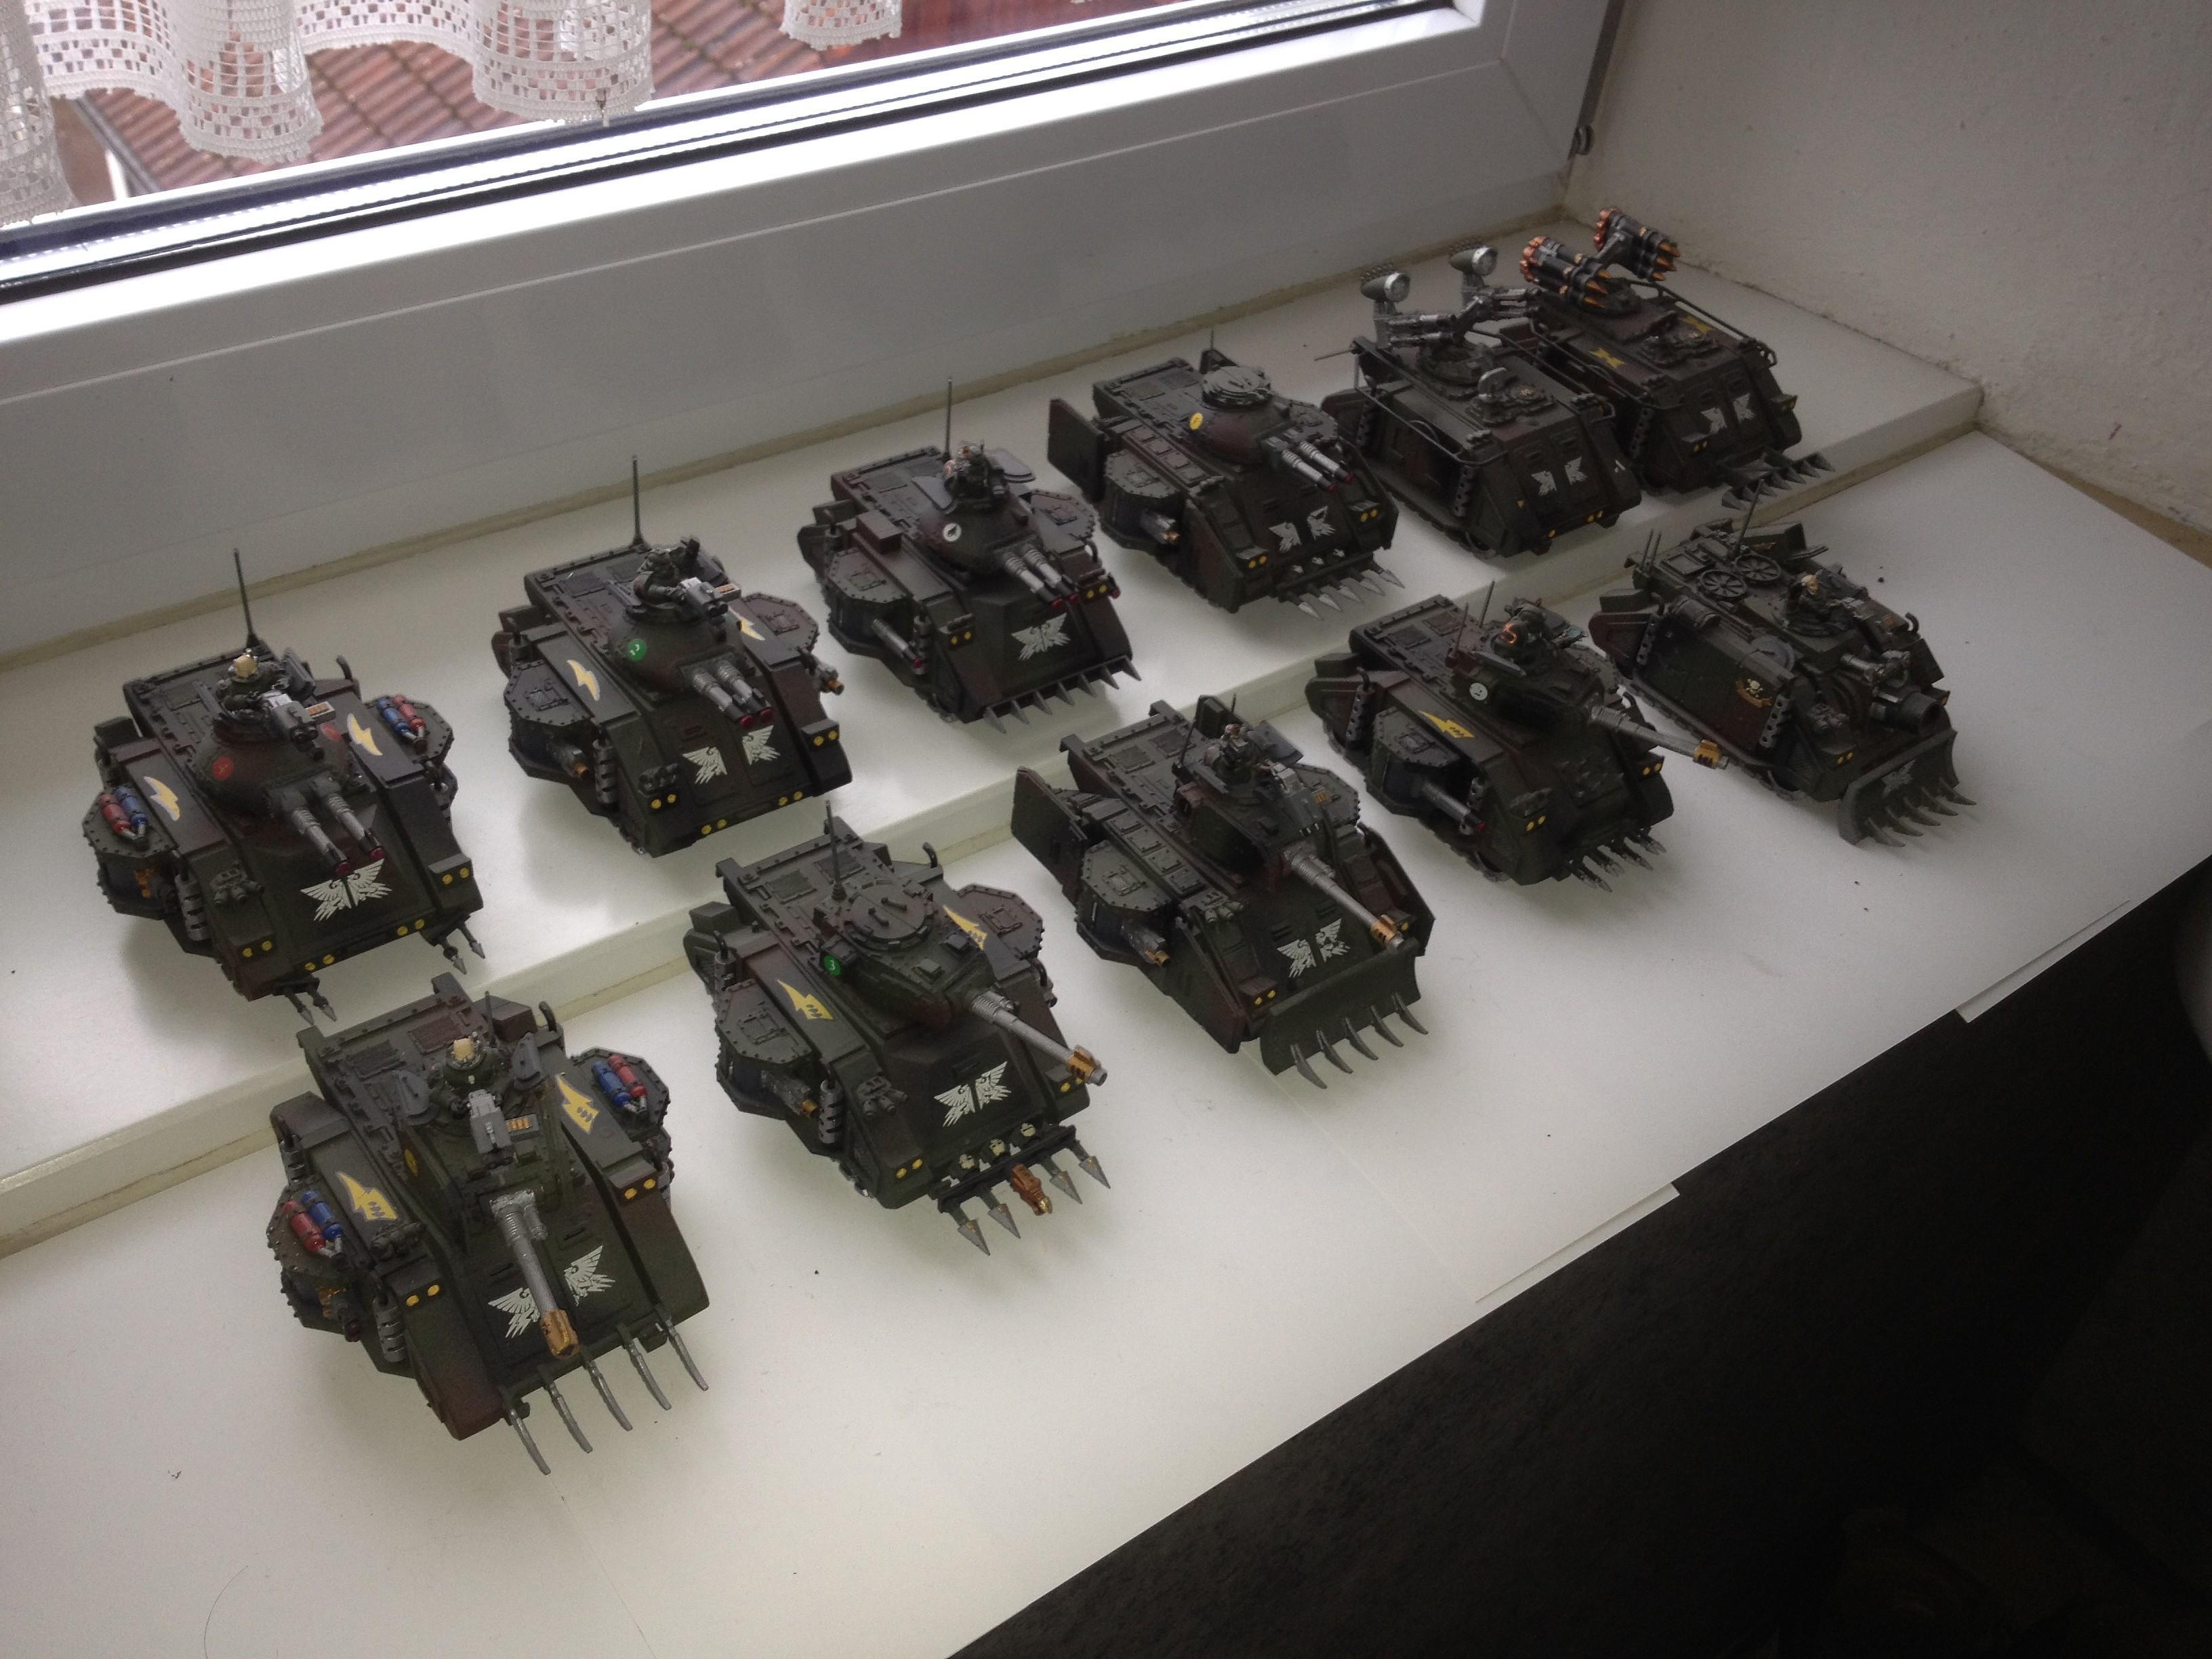 Army, Warhammer 40,000